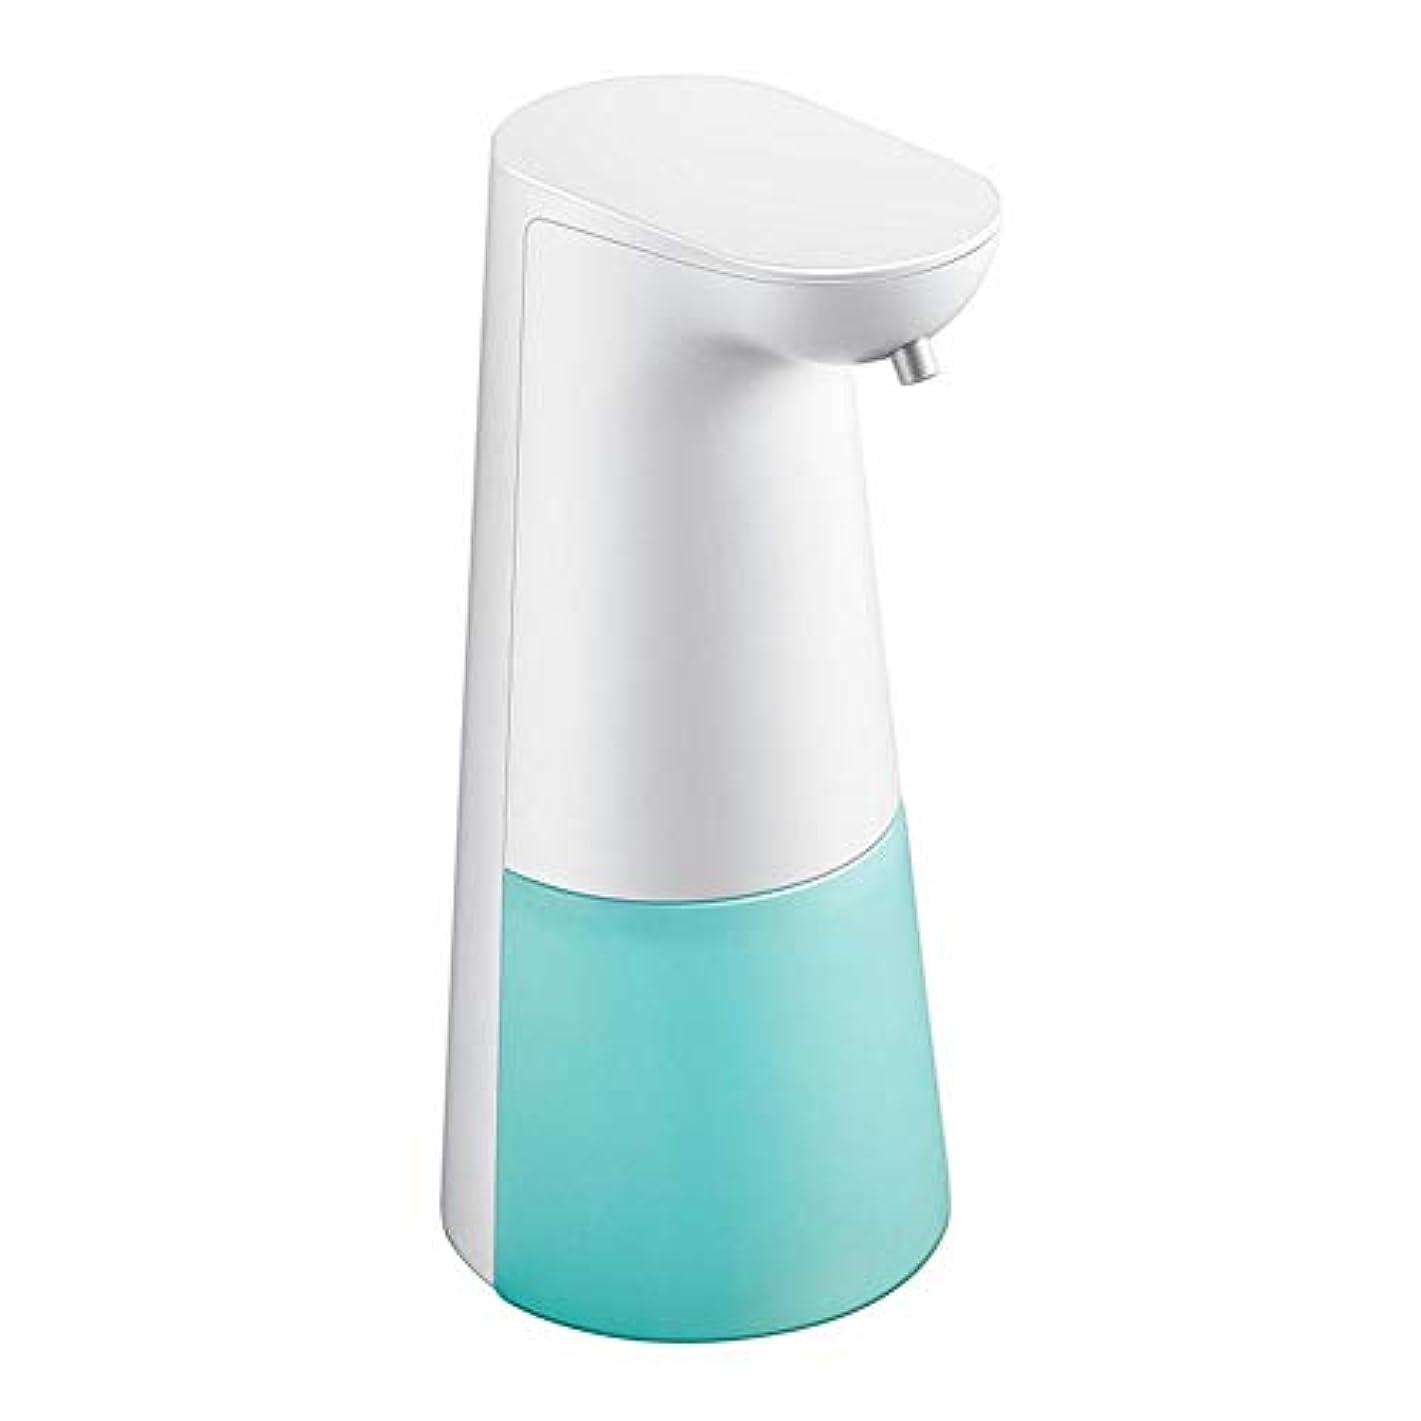 【2019年最新版】ソープディスペンサー 自動 センサー ハンドソープ 食器用洗剤 オートディスペンサー 防水仕様 細菌抑制 無駄無し 出液機 洗面所 キッチン用